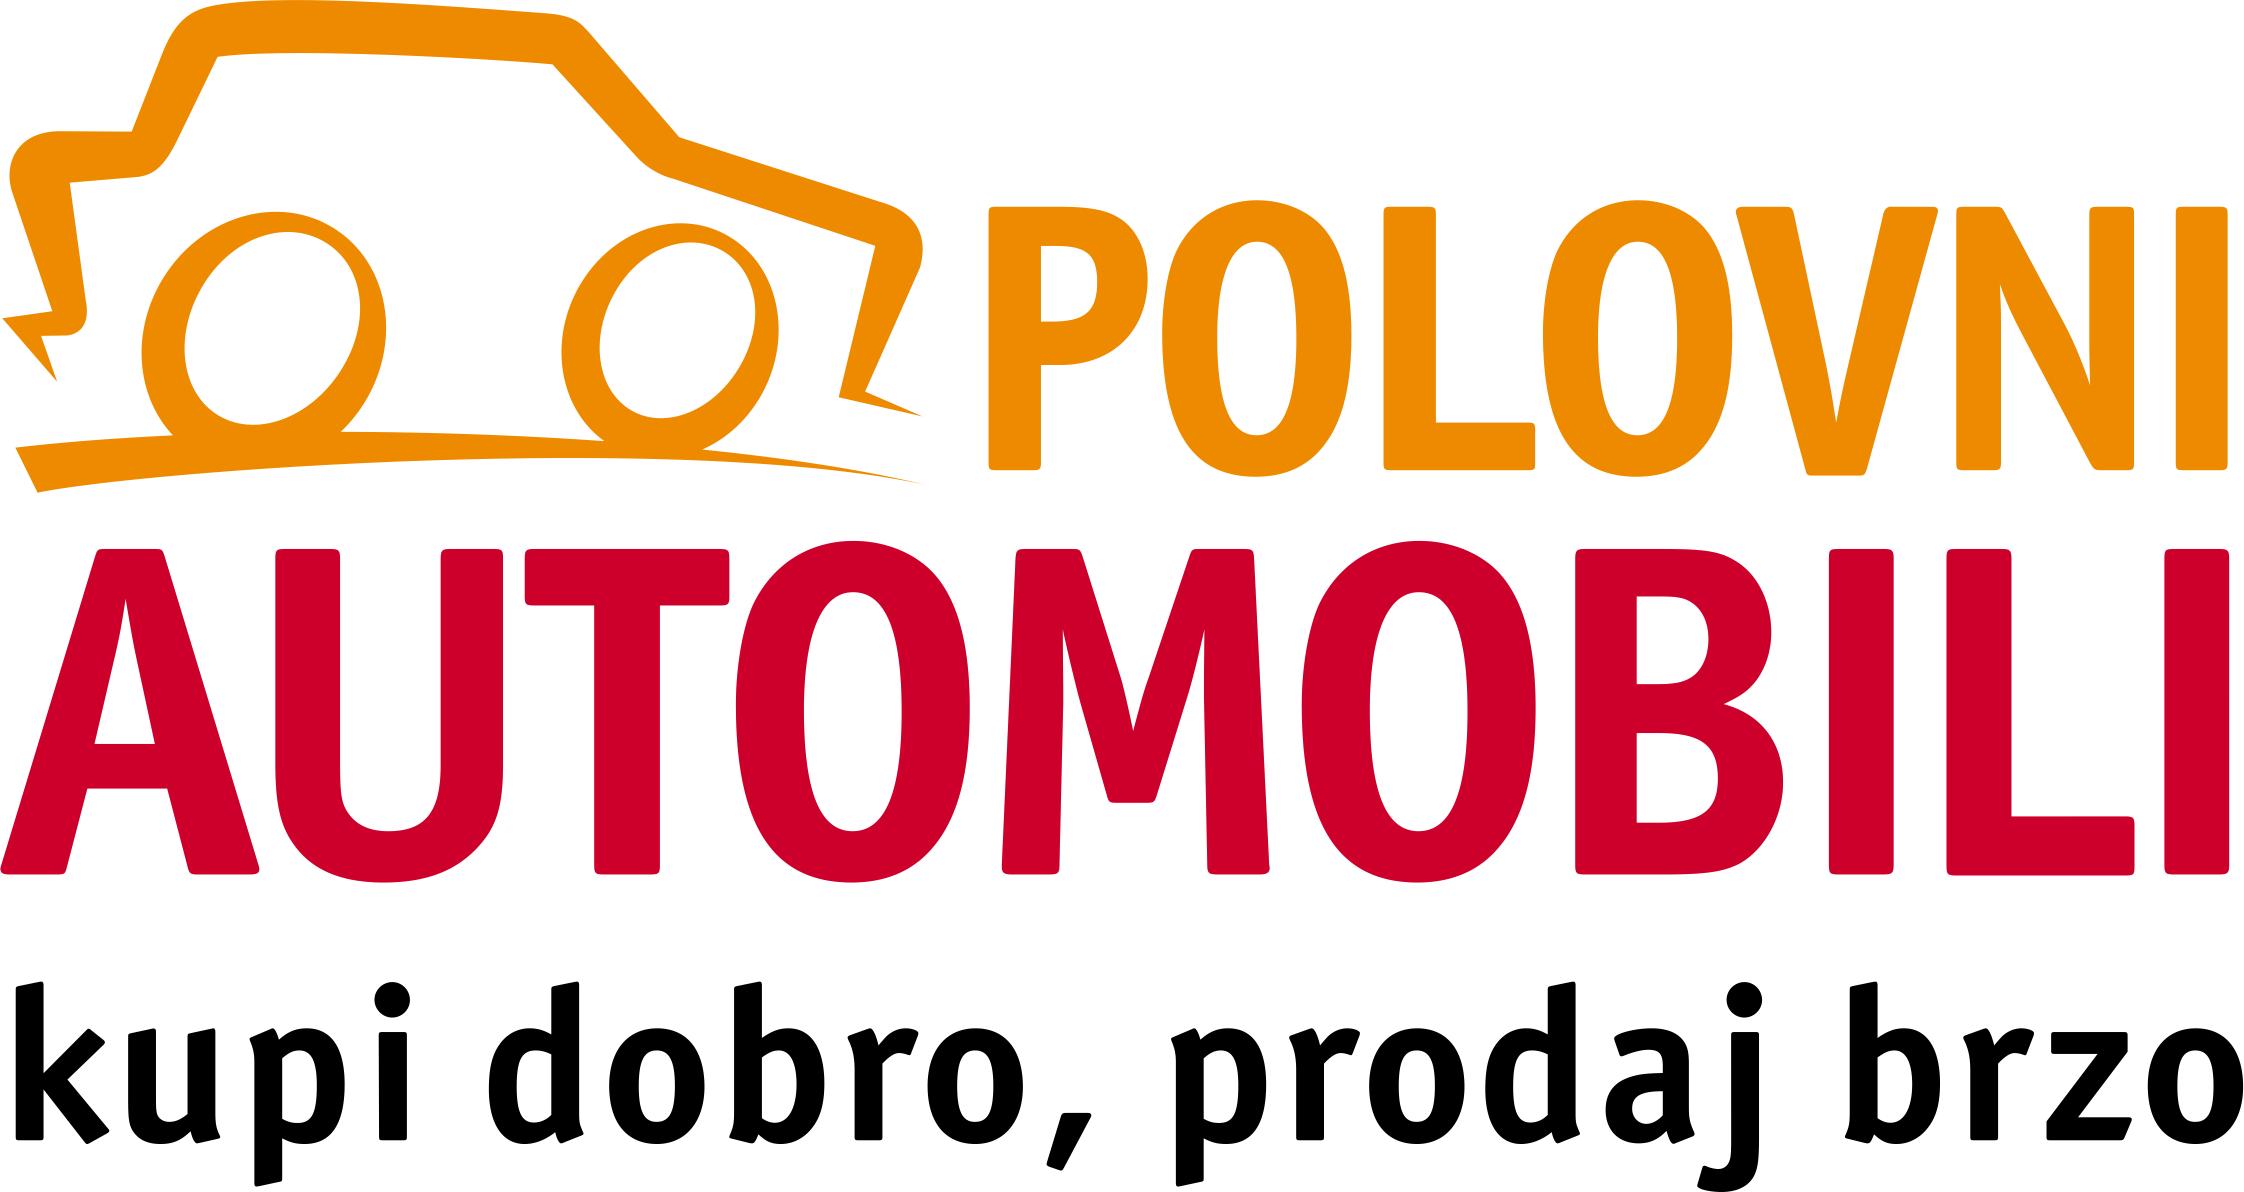 polovniautomobili-logo1-1